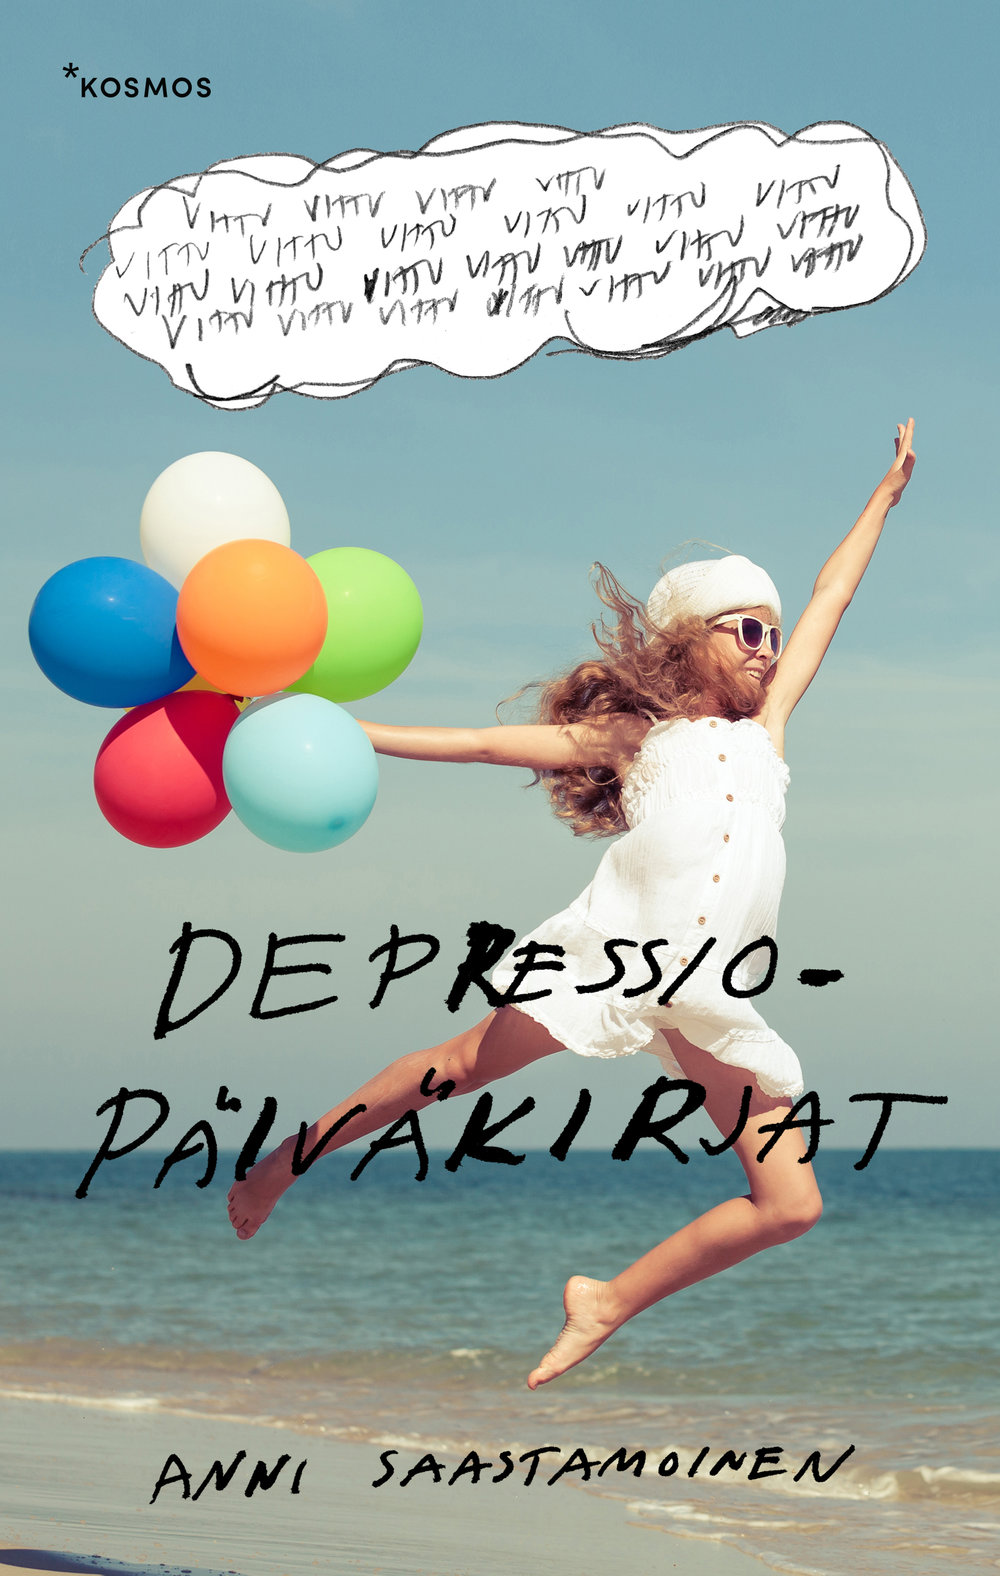 Anni_Saastamoinen_Depressiopaivakirjat(1).jpg